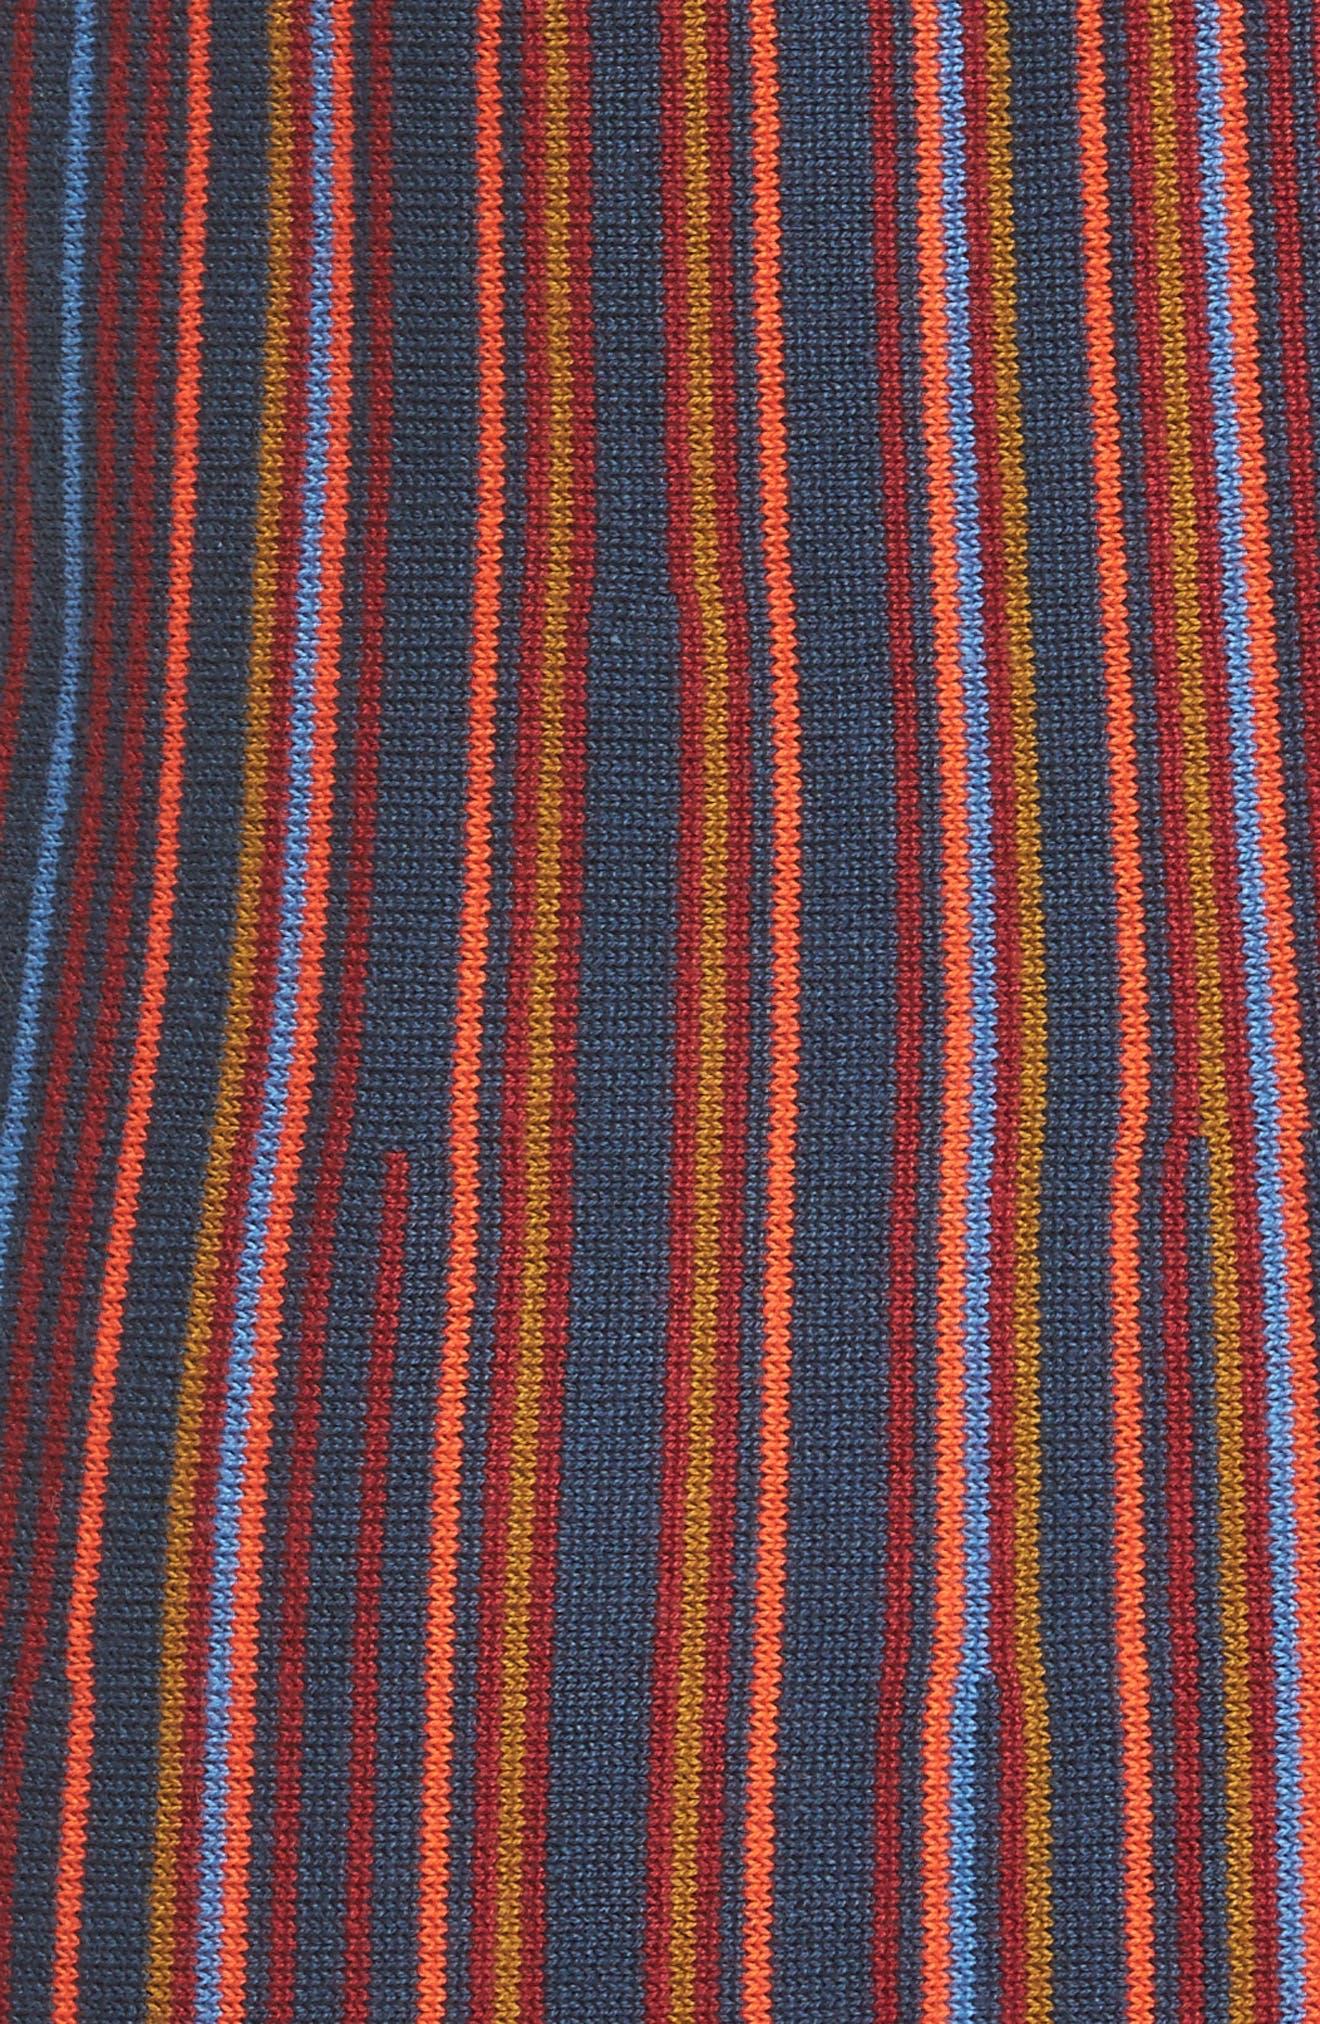 Foolish Stripe Knit Dress,                             Alternate thumbnail 5, color,                             930